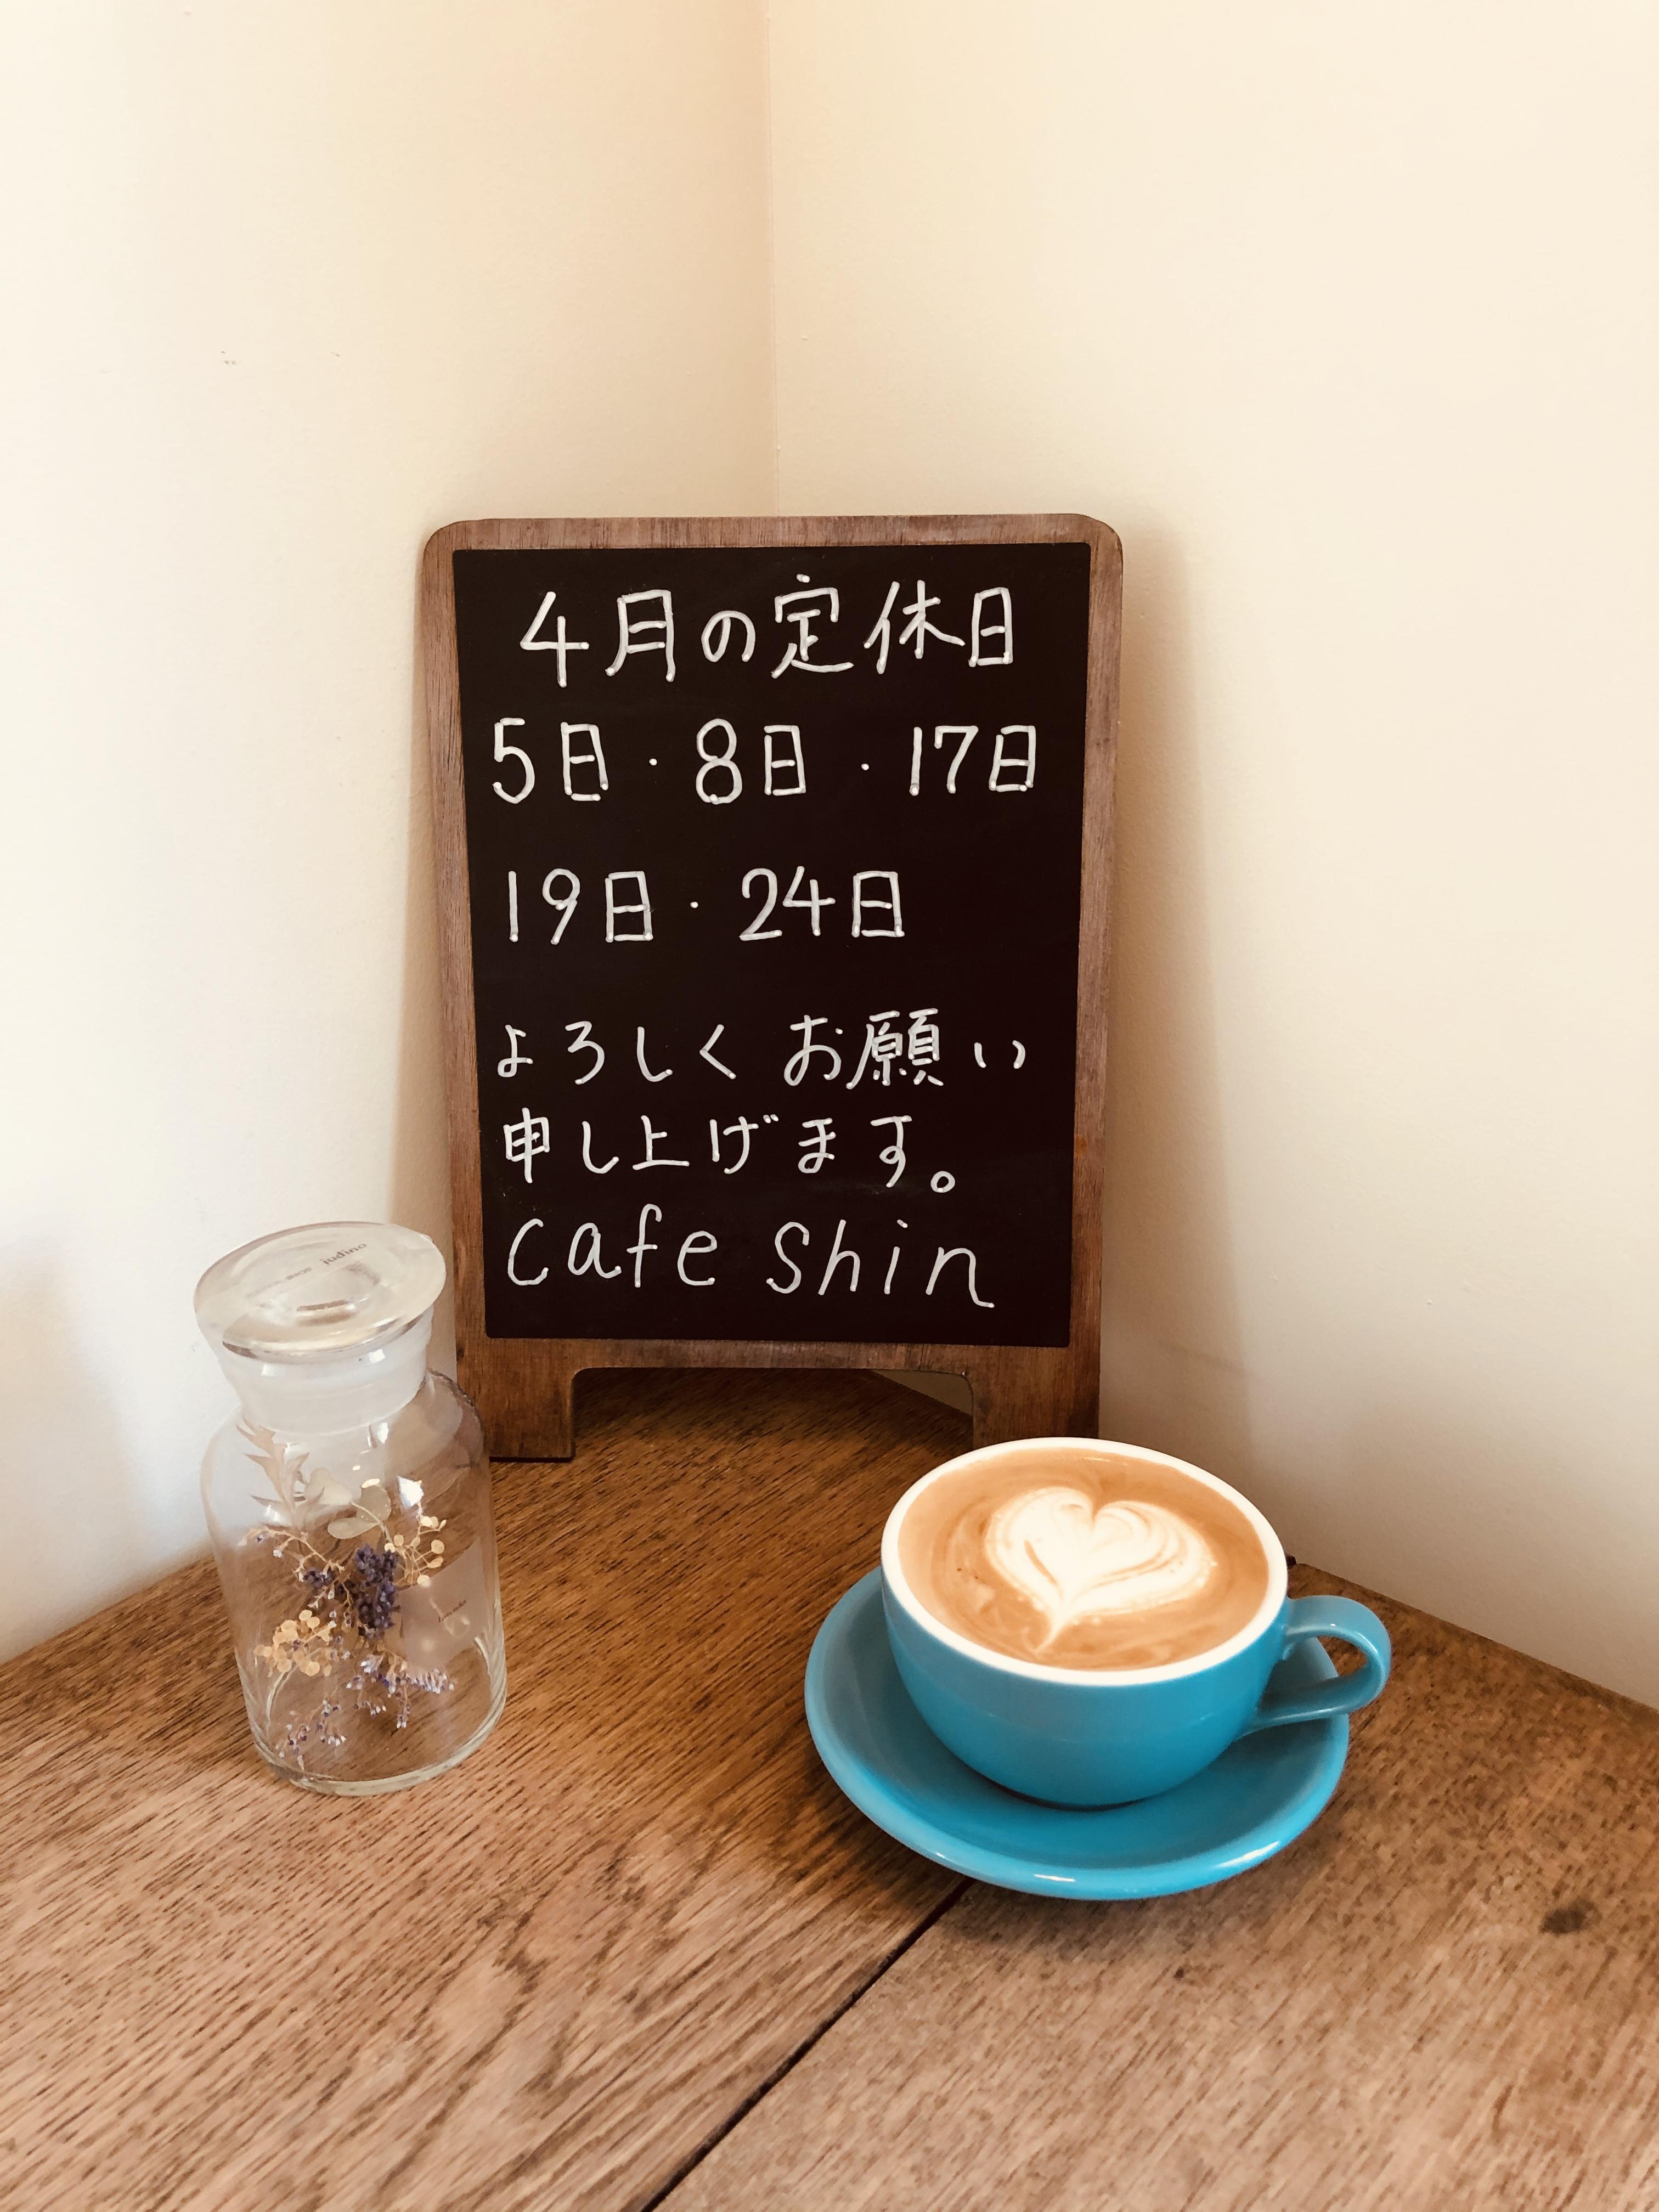 甲陽園カフェ 阪急駅前カフェ ワッフル シフォンケーキ